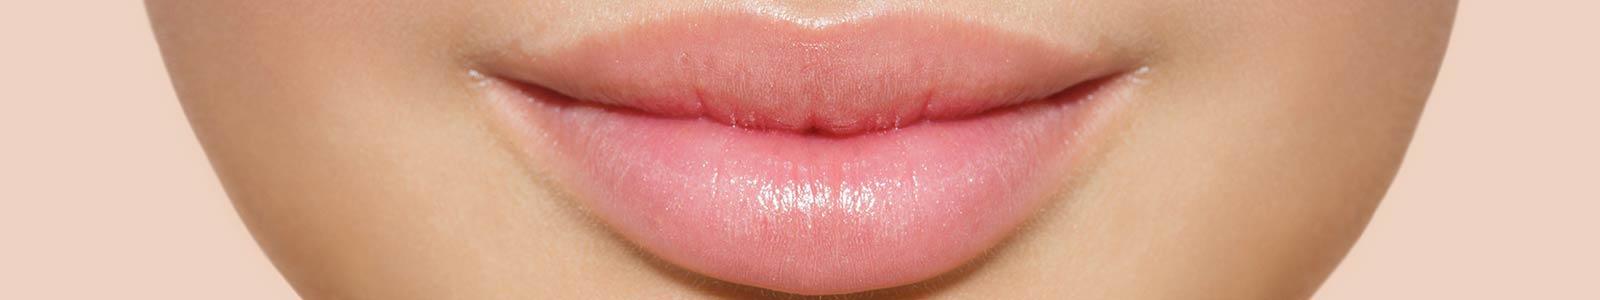 עיבוי שפתיים מד אופ